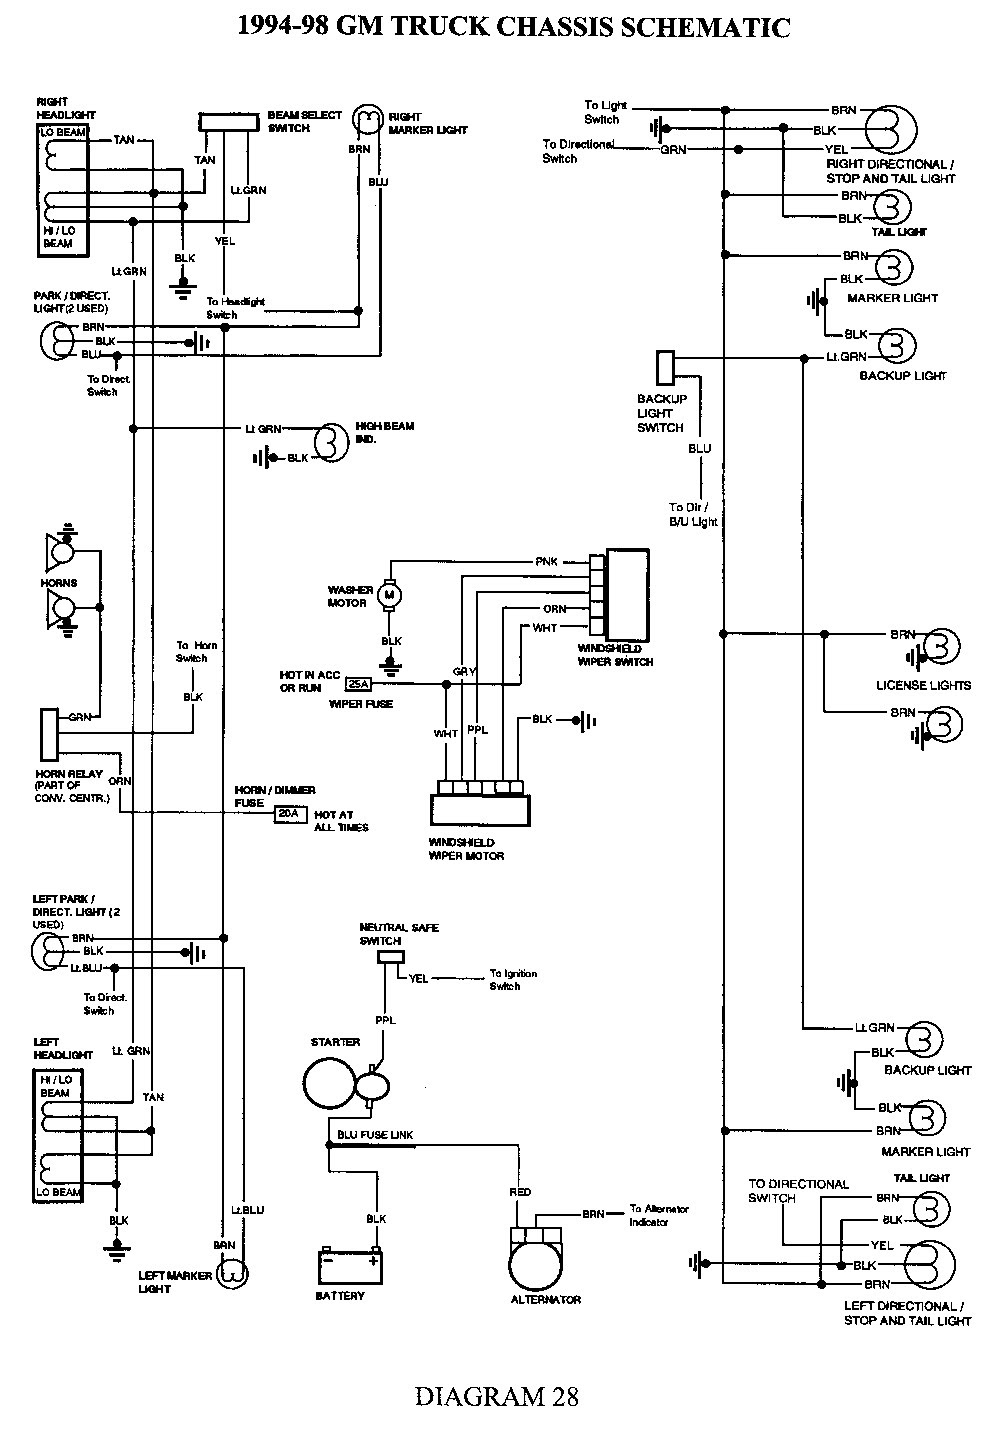 hight resolution of 89 chevy blazer fuel pump wiring diagram chevy blazer trailer 1998 pump fuel wiring diagramchevyblazer